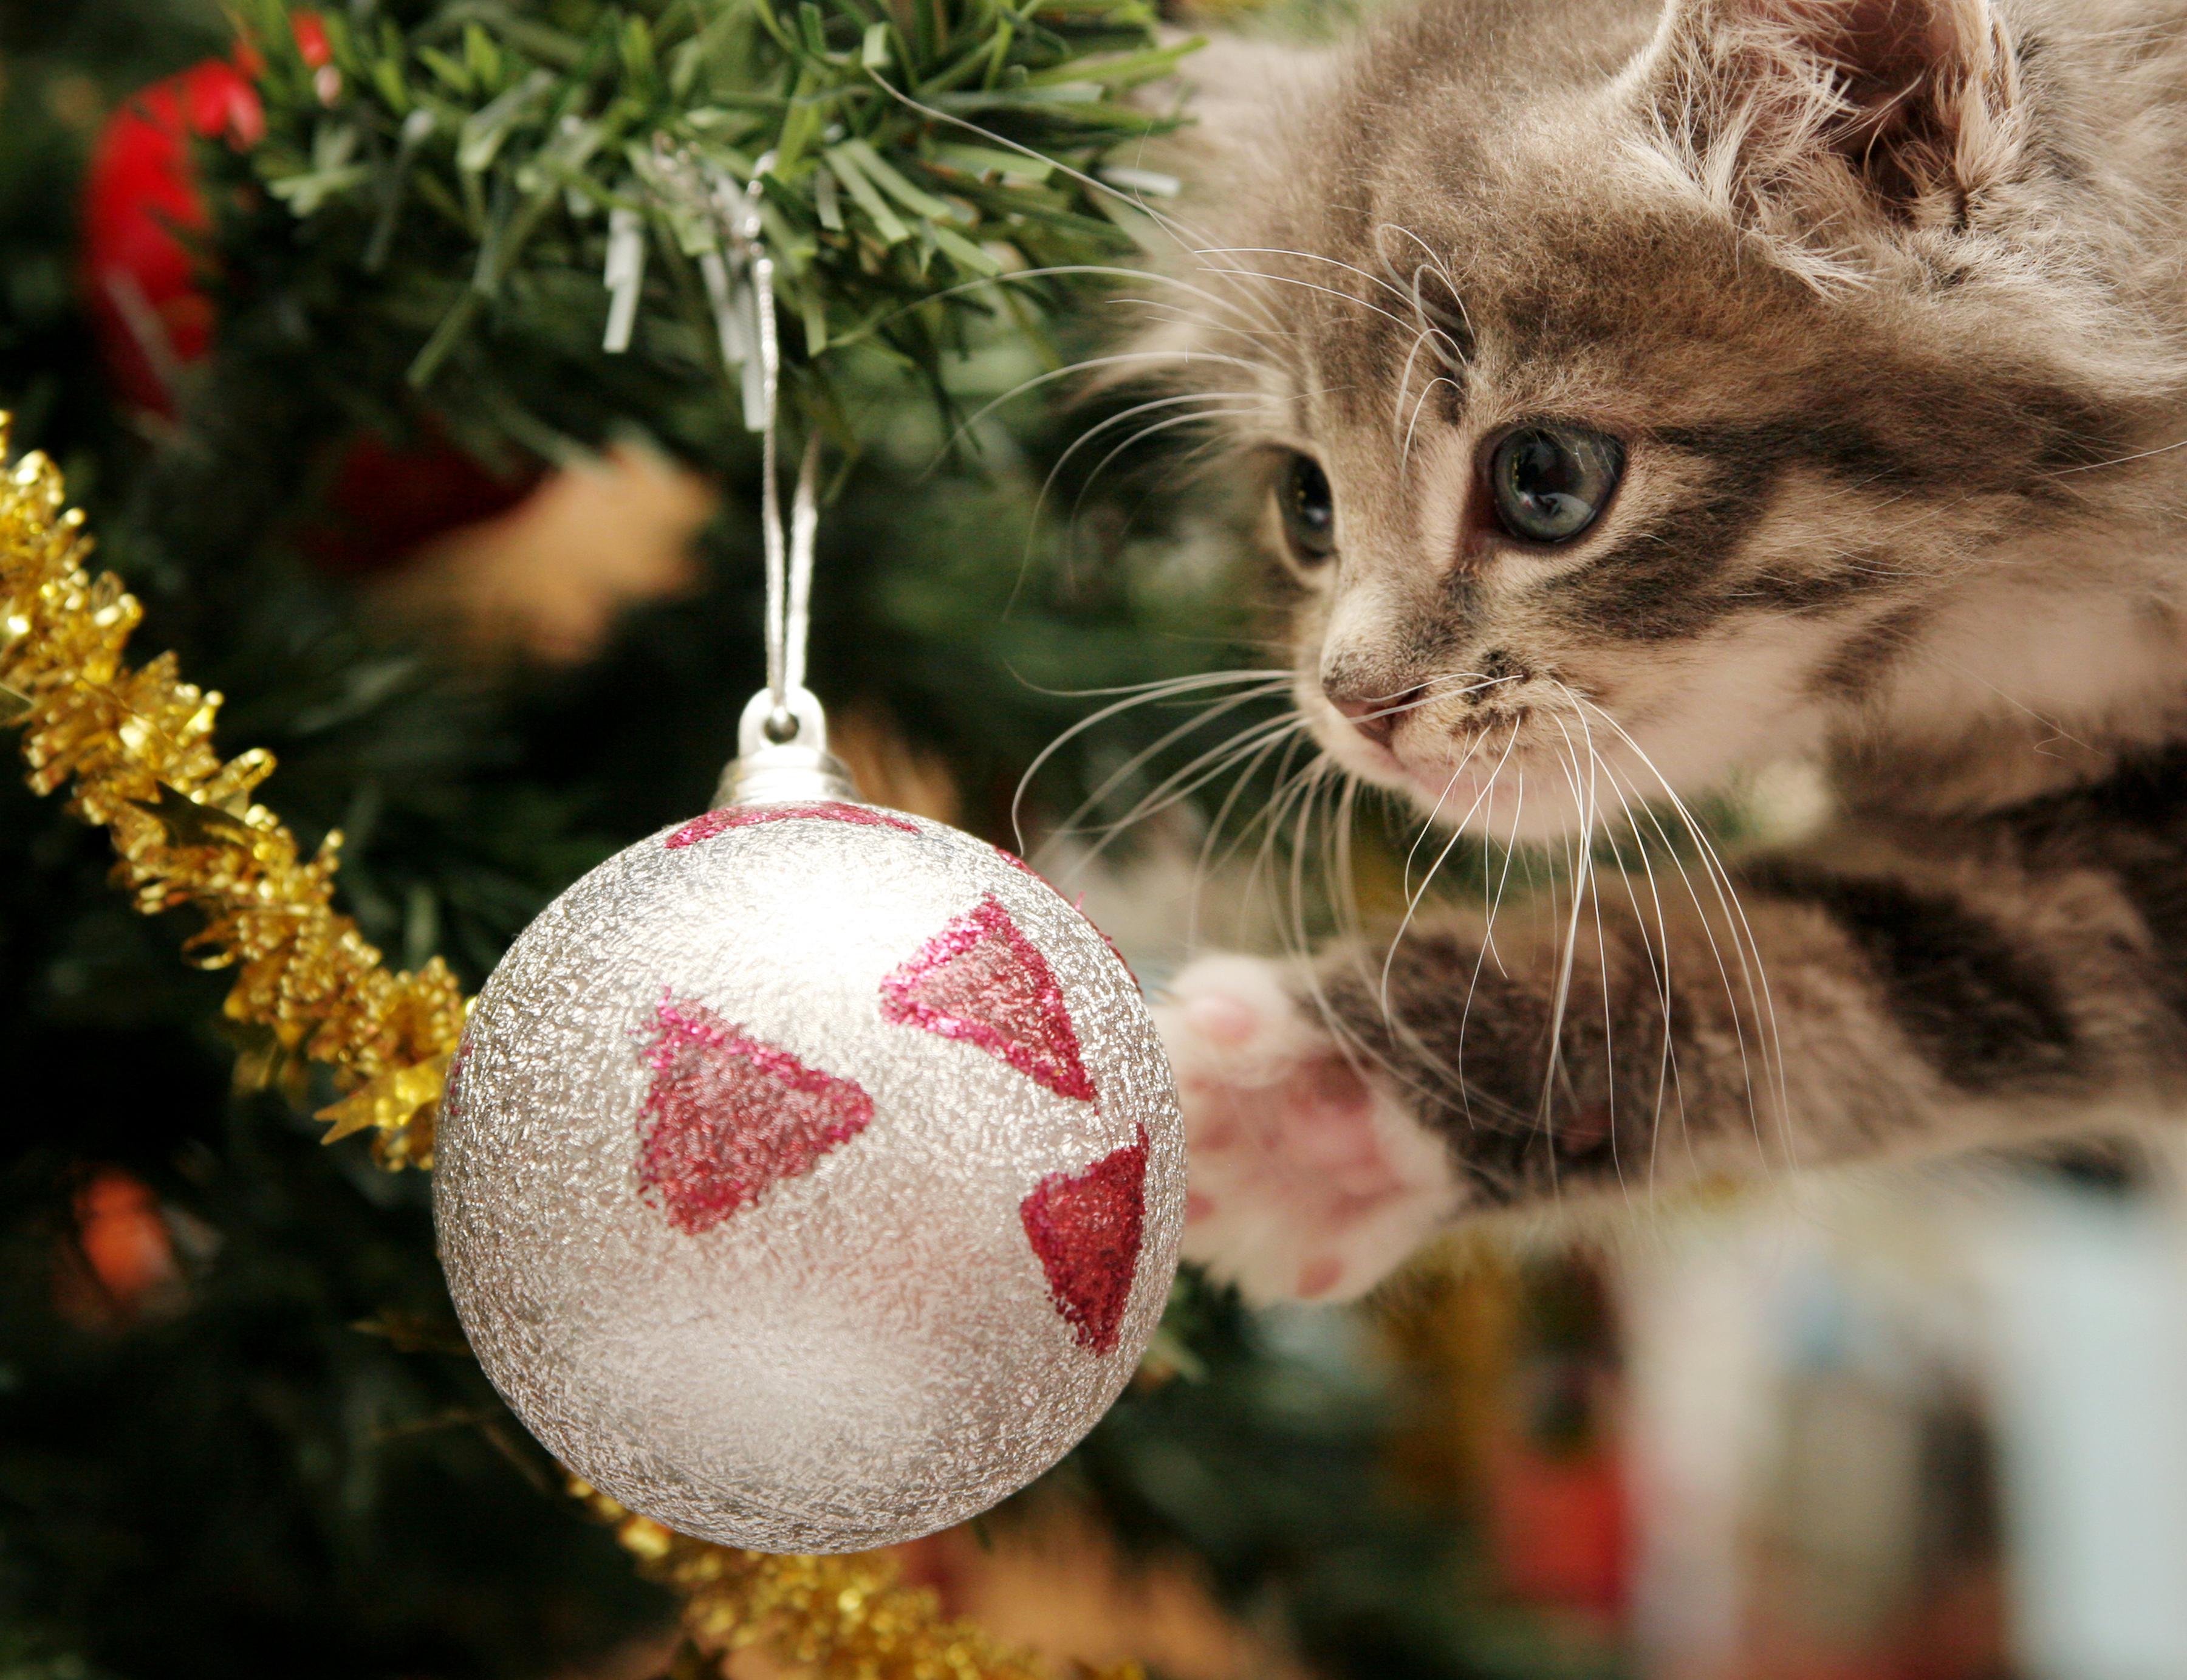 Картинка: Котёнок, игрушка, шар, игра, ёлка